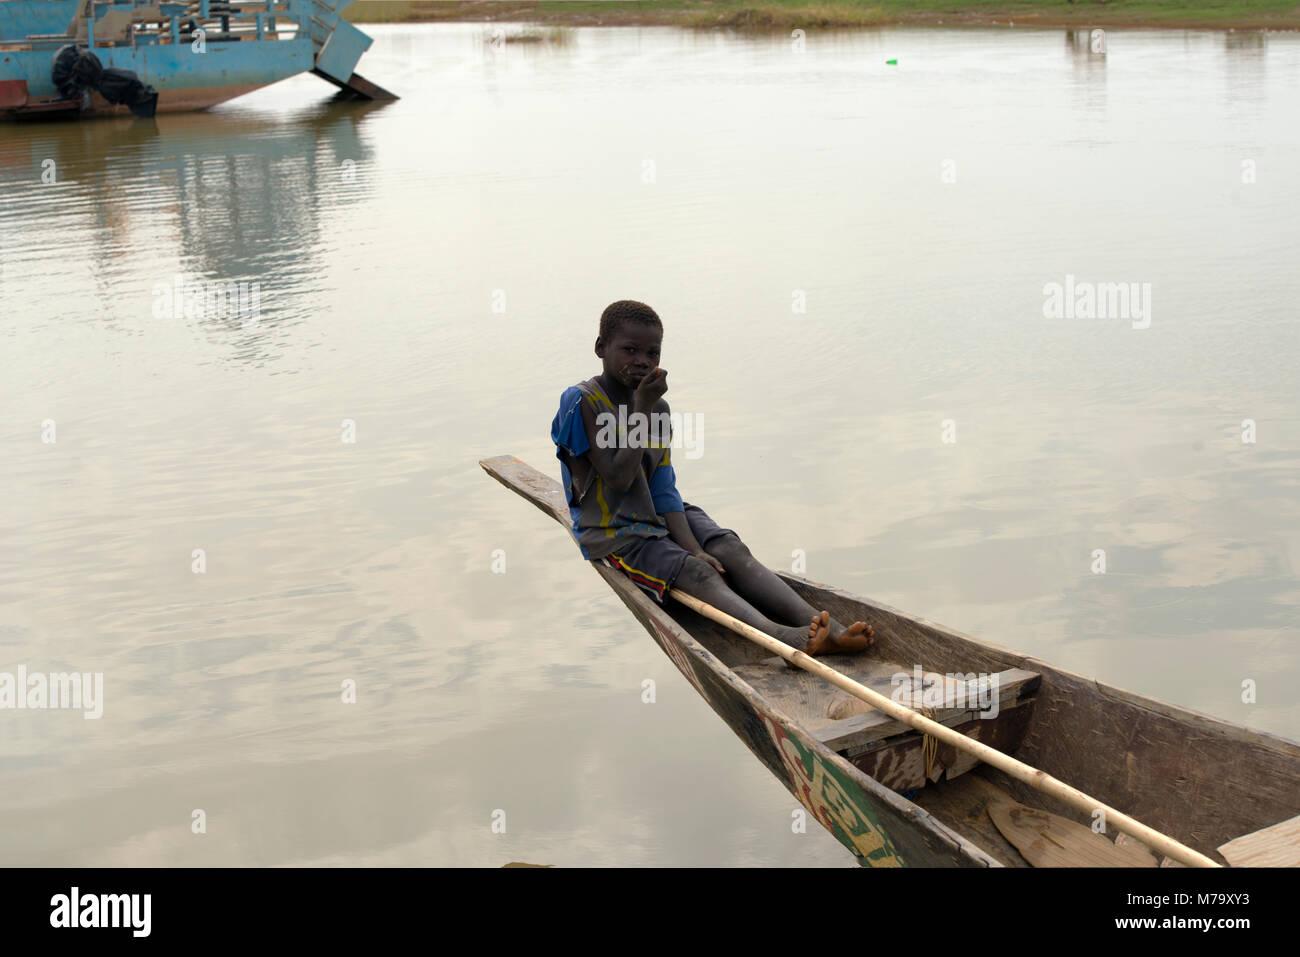 Un joven local muchacho sentado en la popa de una piragua (embarcación tradicional) en el río Bani. Región de Mopti, Foto de stock